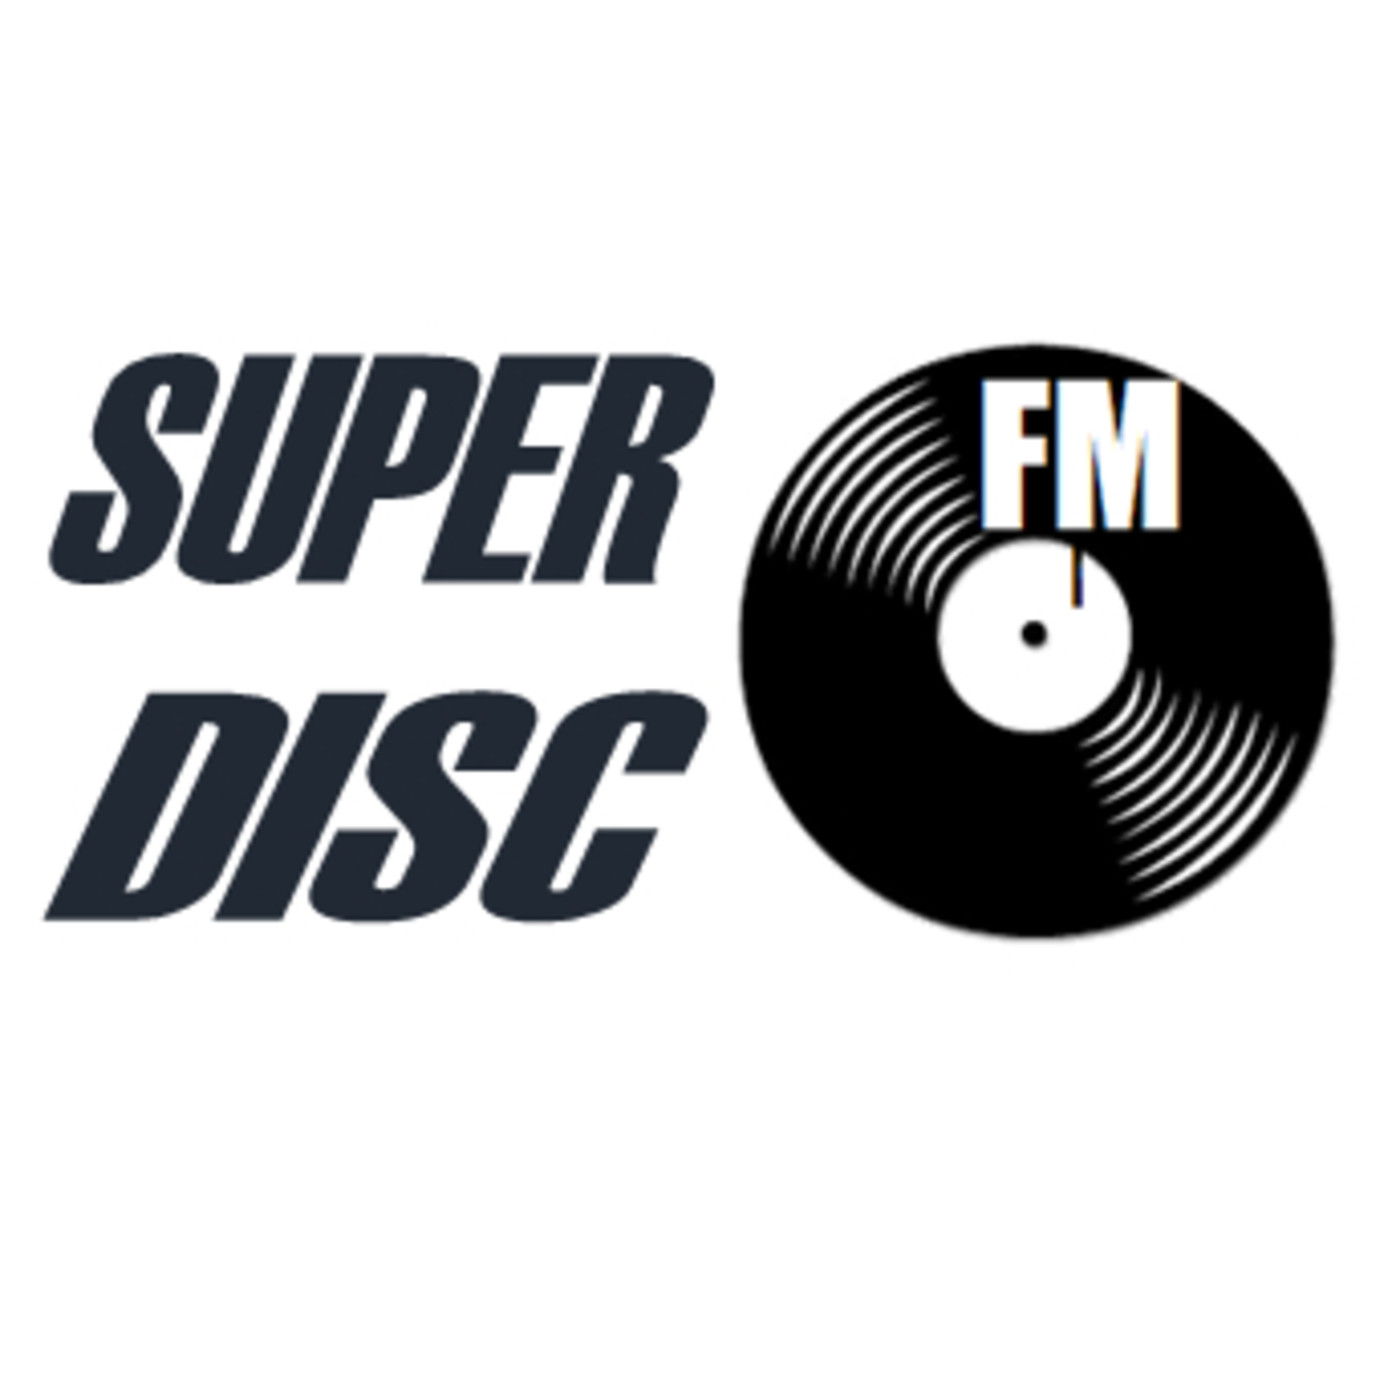 SUPERDISCO FM